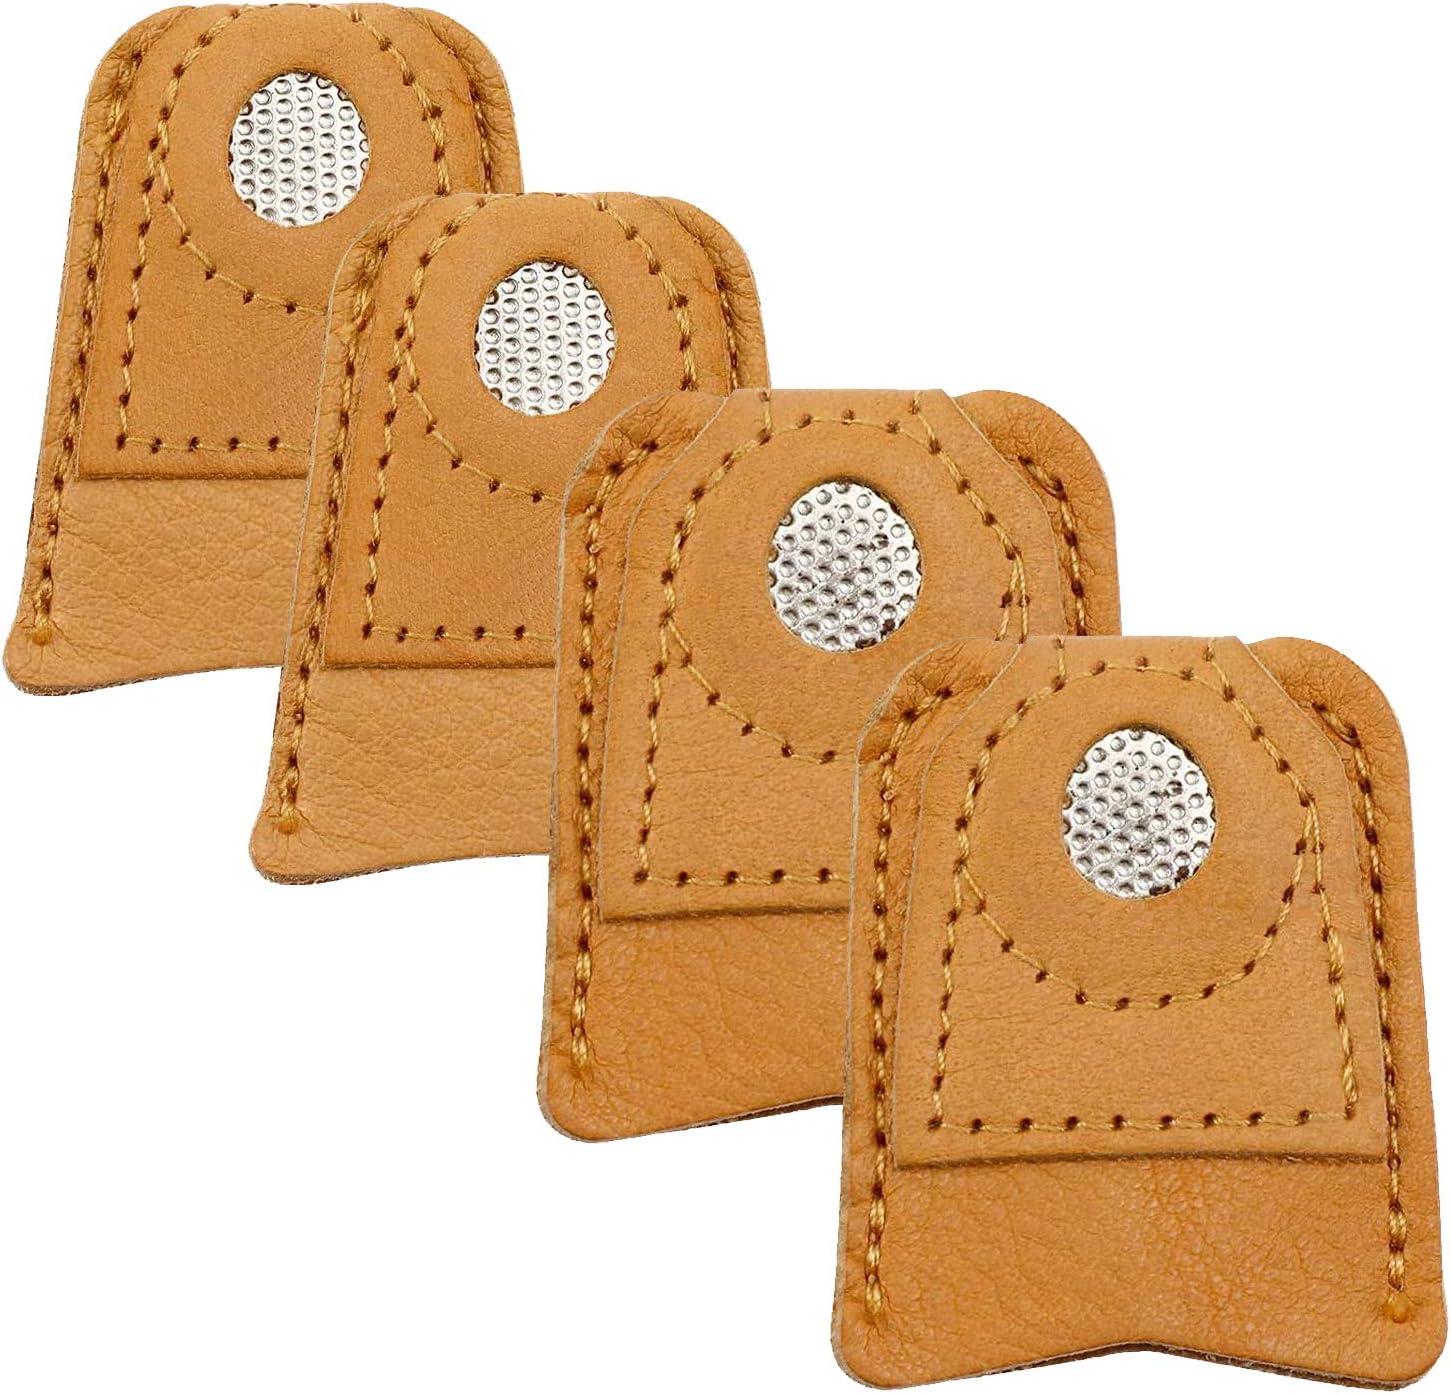 Dedal de Cuero Xrten 4 Pcs Dedales de Costura Dedal Protector de Dedo de Cuero de Coser para Los Accesorios Artesan/ías Herramientas de Costura DIY 2 Tama/ños